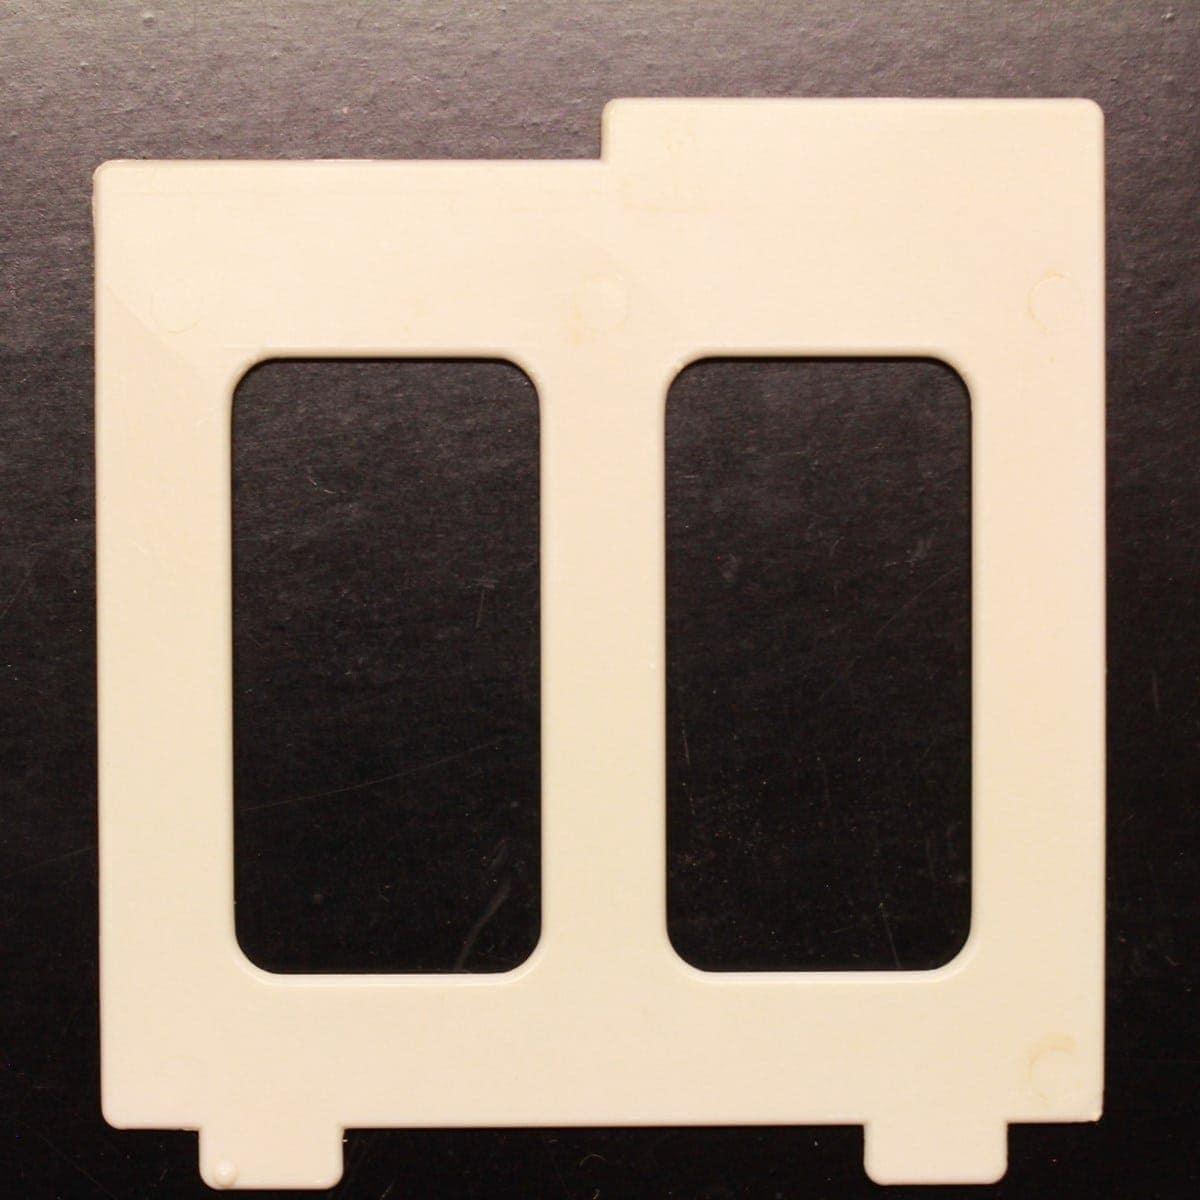 Opdelere til disketteboks